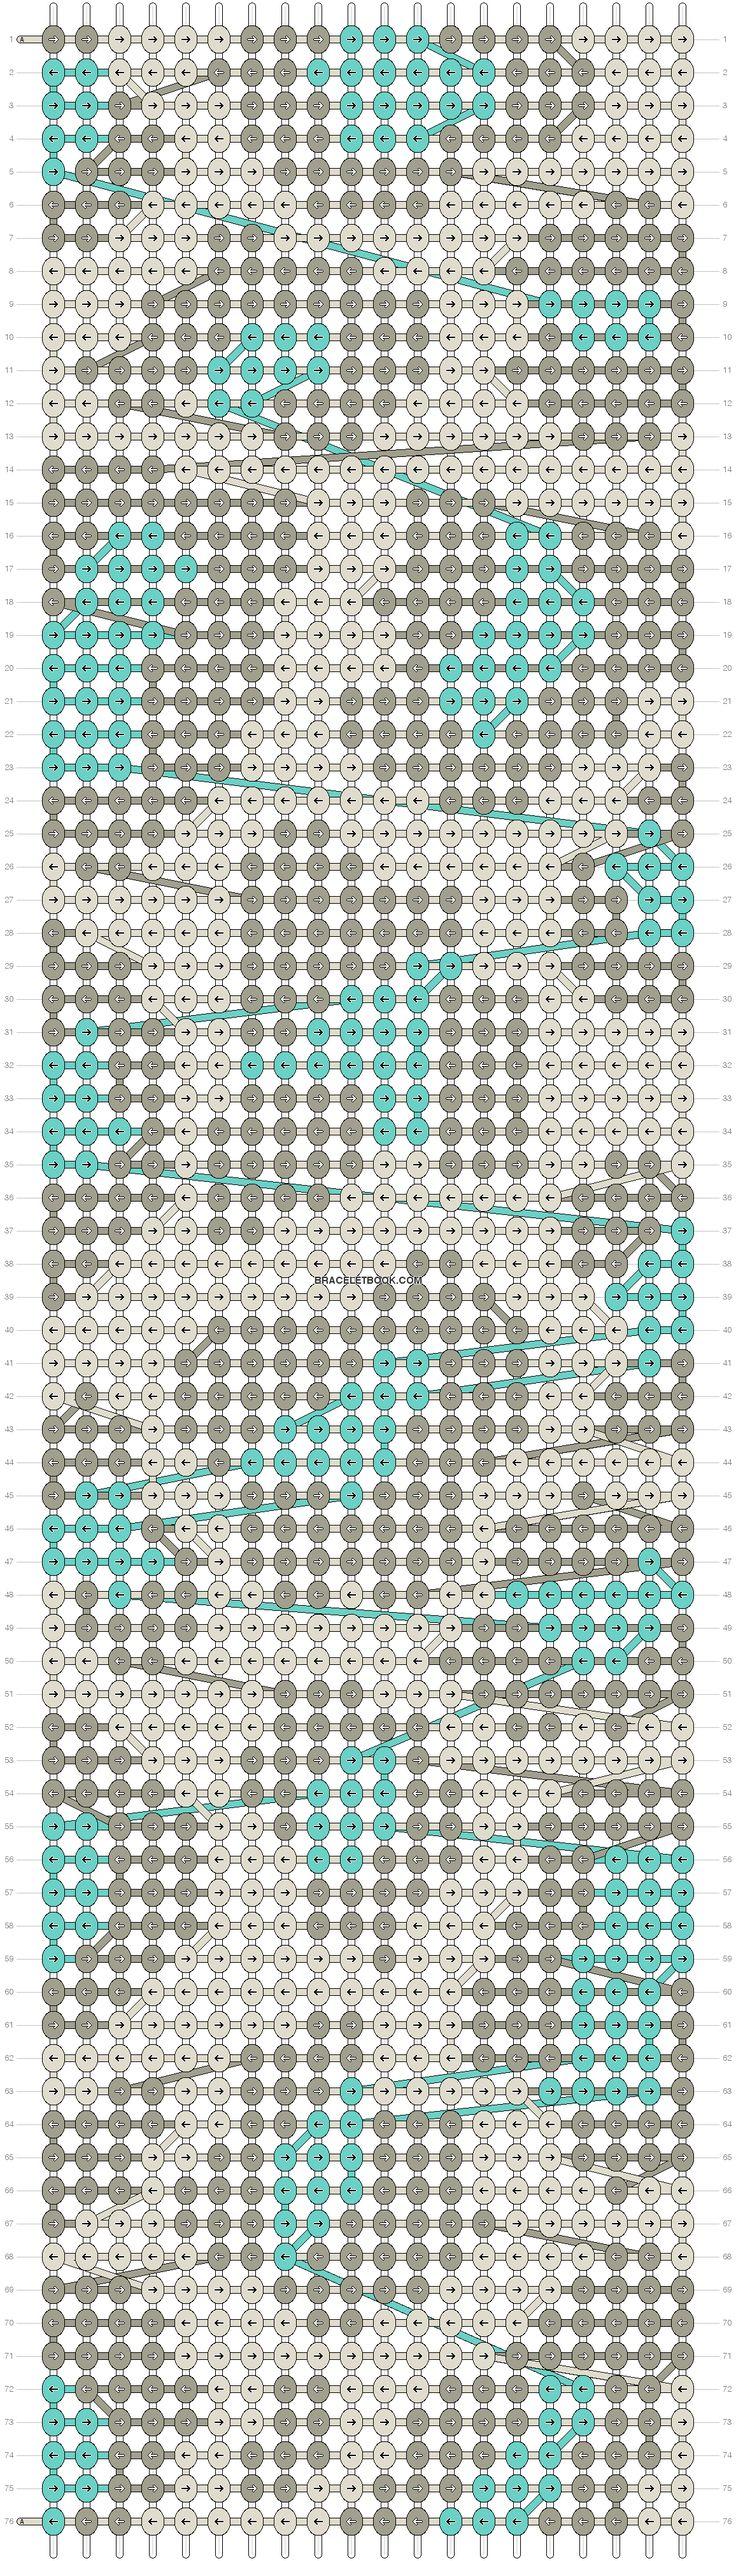 Mejores 11 imágenes de 패턴 en Pinterest | Bolsos wayuu, Mochilas ...